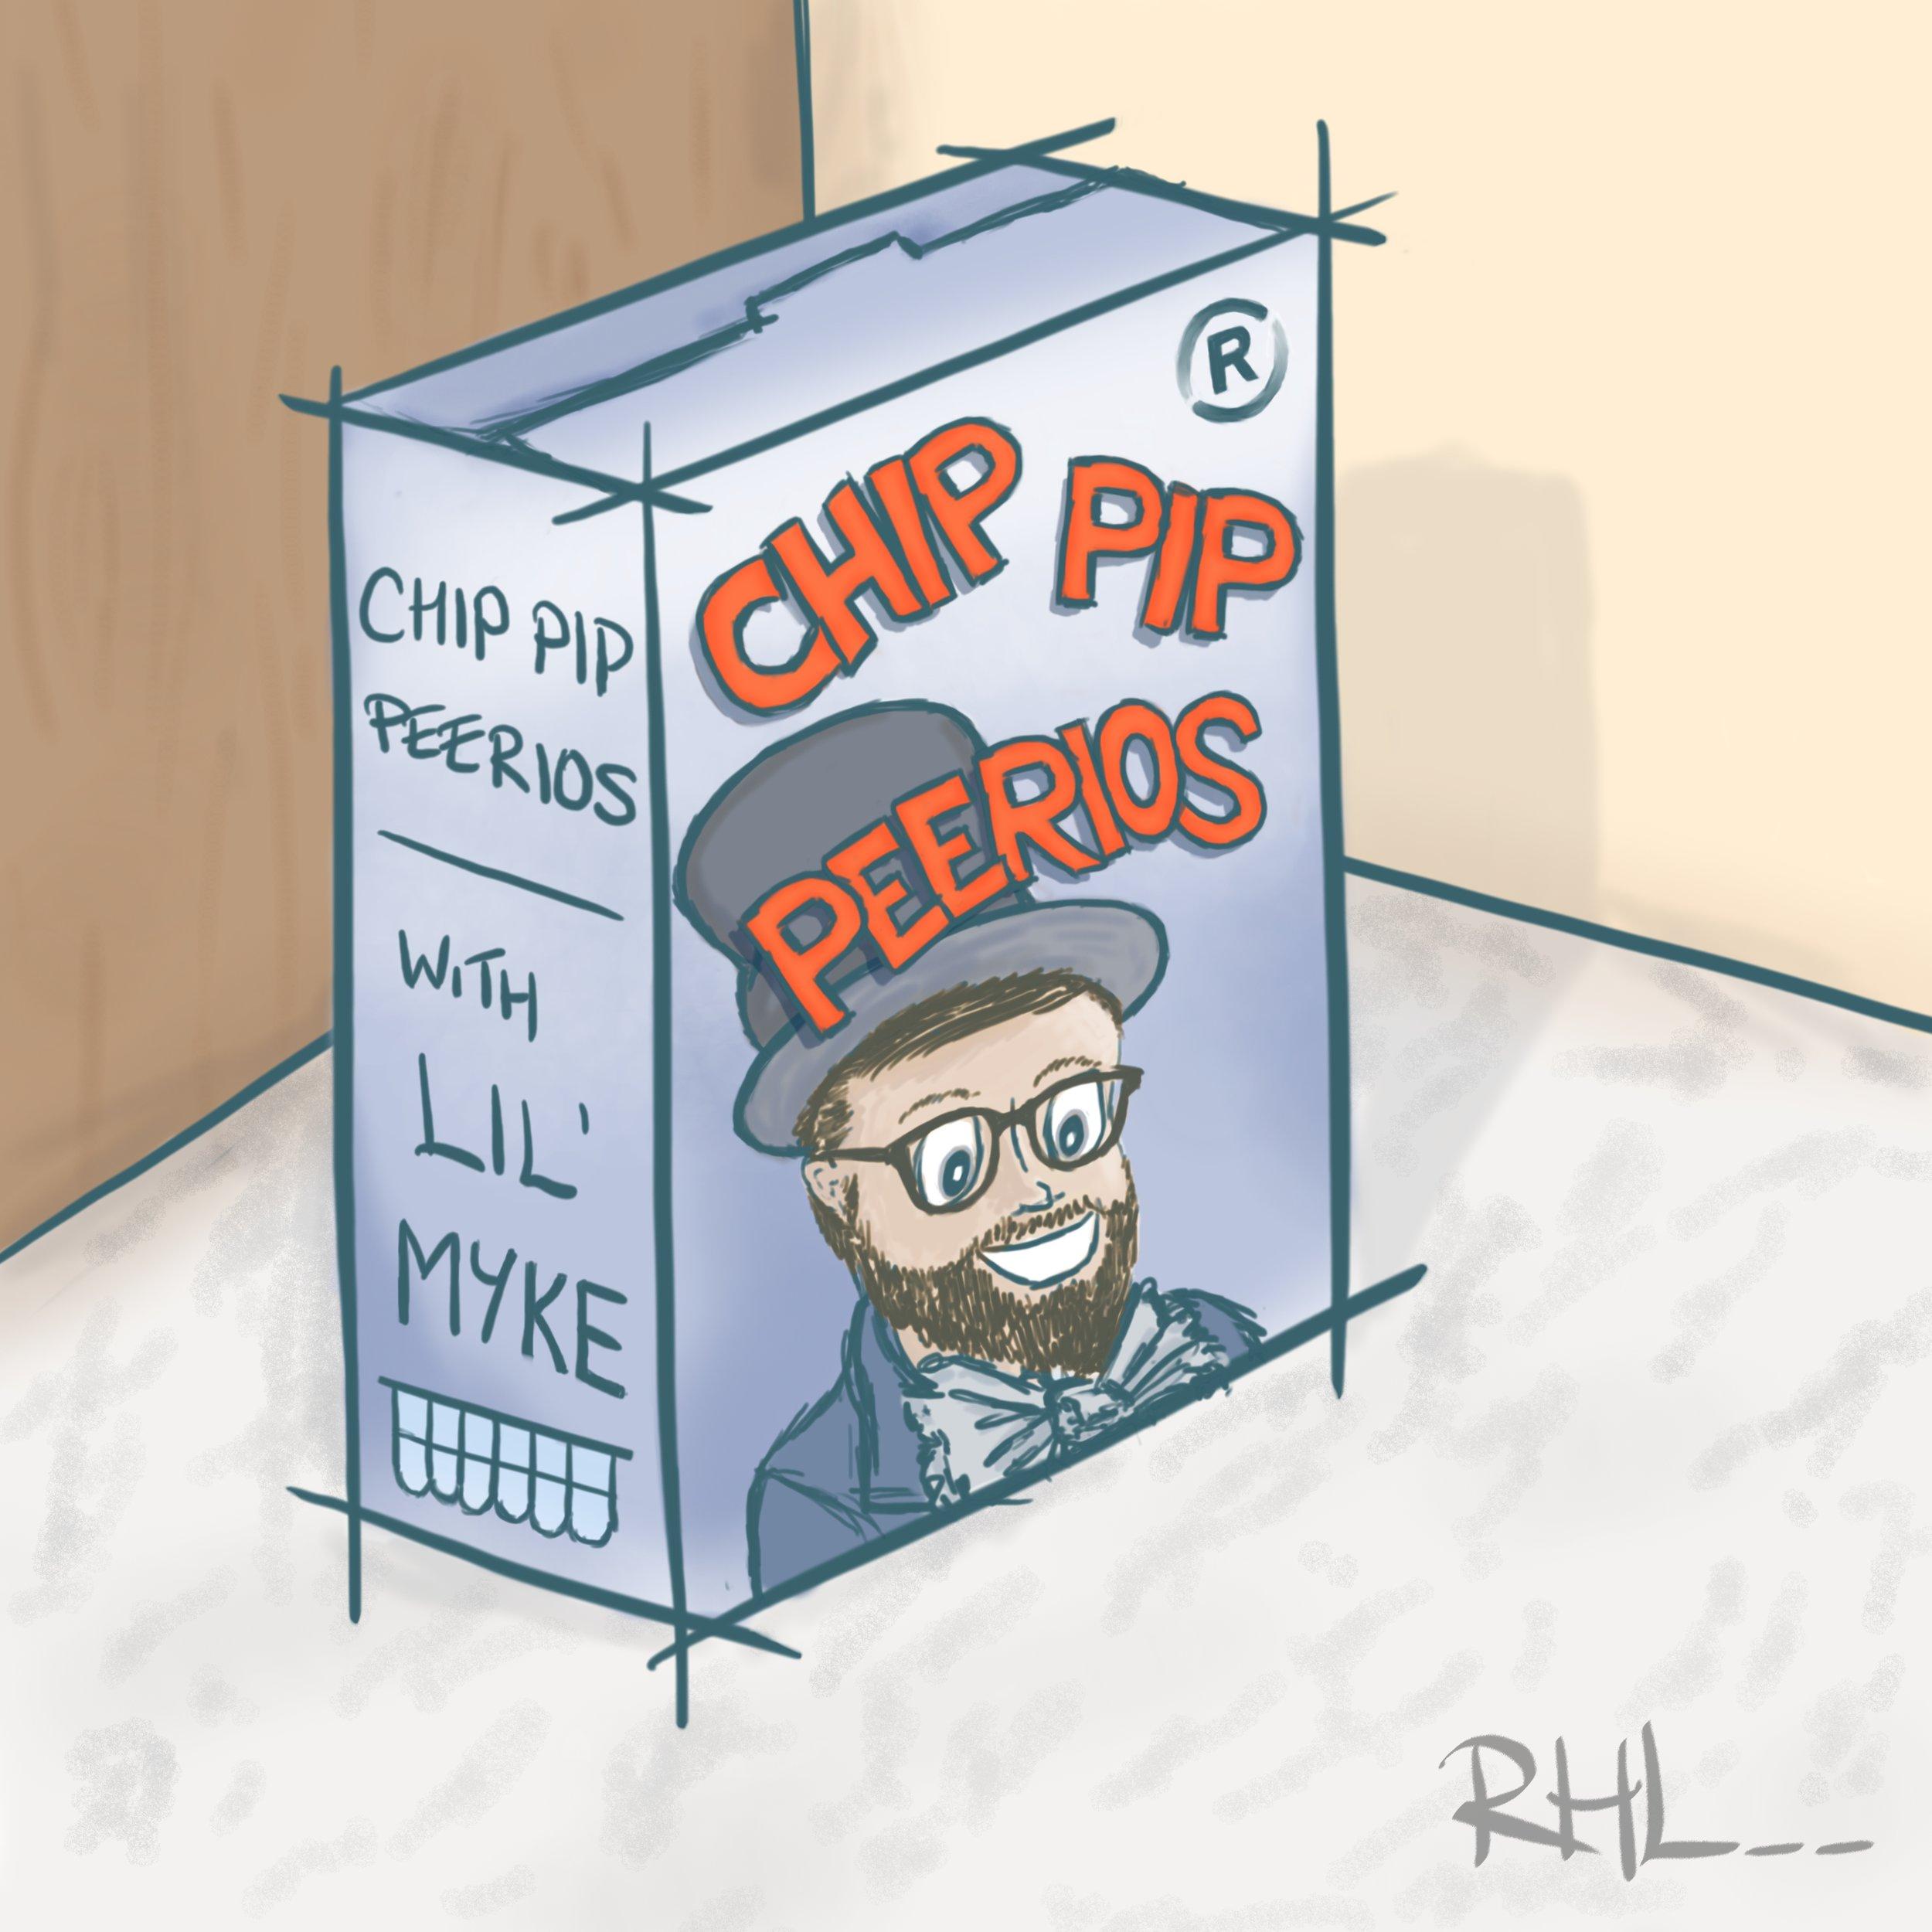 Chip Pip Peerios